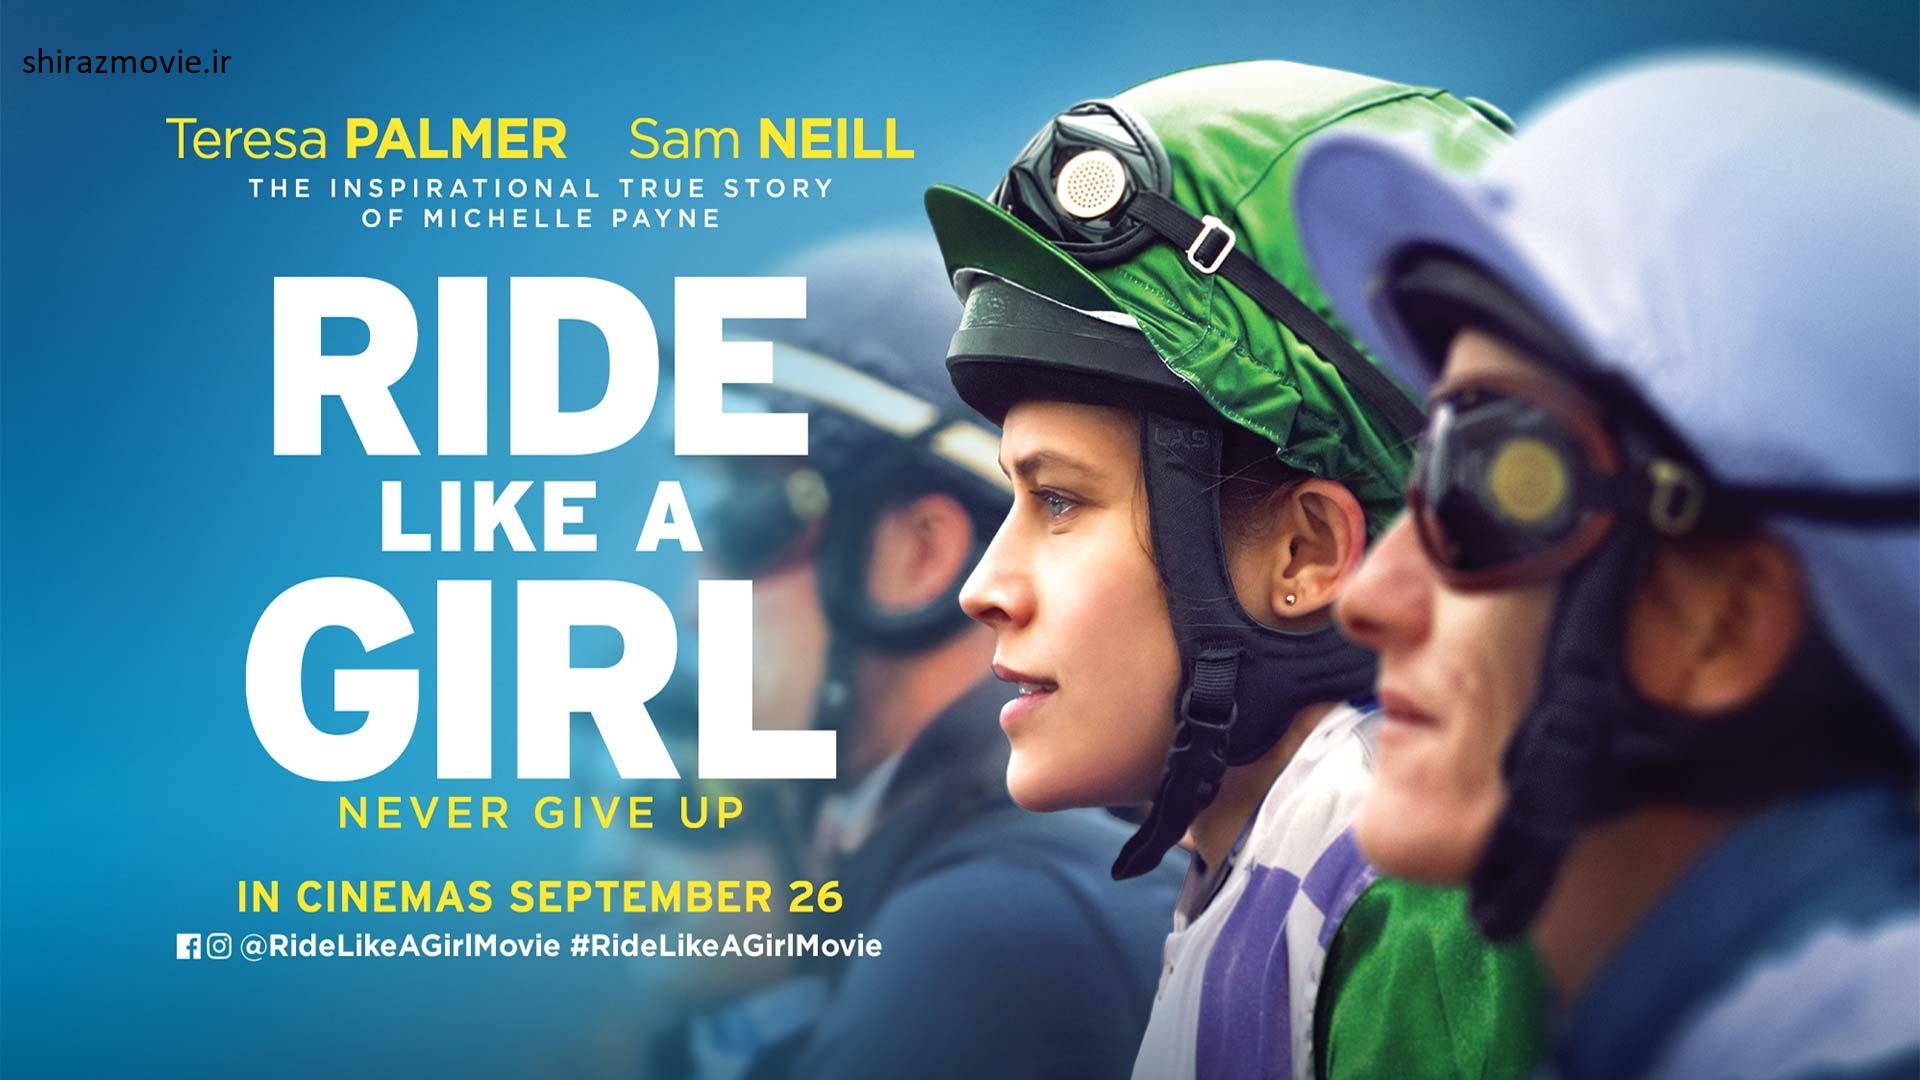 دانلود فیلم Ride Like a Girl 2019 مثل یک دختر سواری کن با زیرنویس فارسی